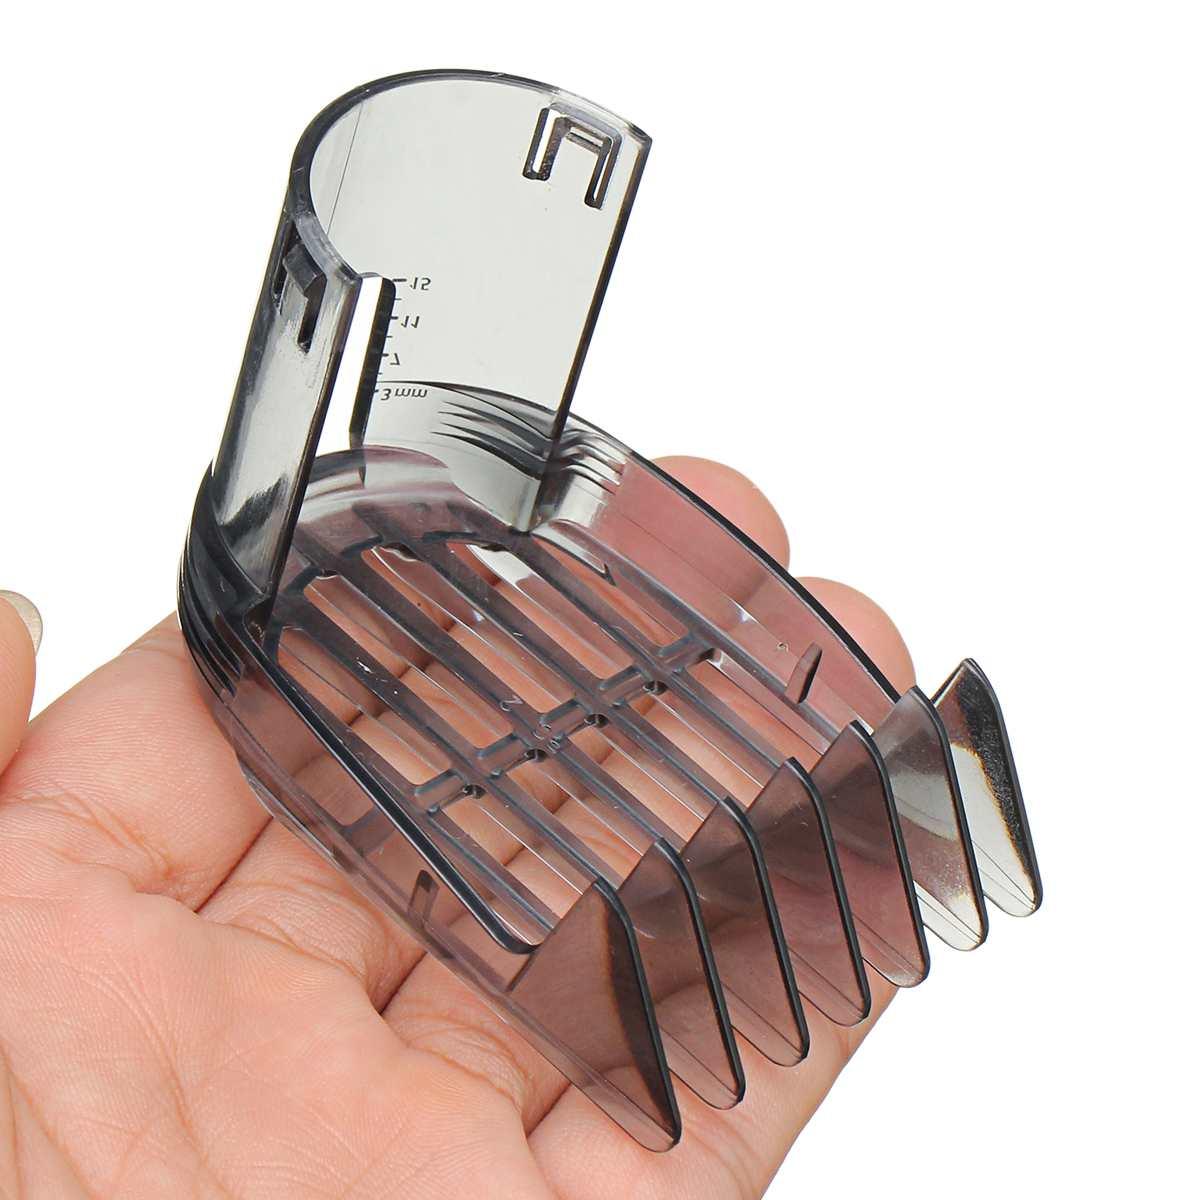 Beard Trimmer Shaver Hair Clipper Comb Attachment Tool For Philips QC5510 QC5530 QC5550 QC5560 QC5570 QC5580 QC5582 3-15mm